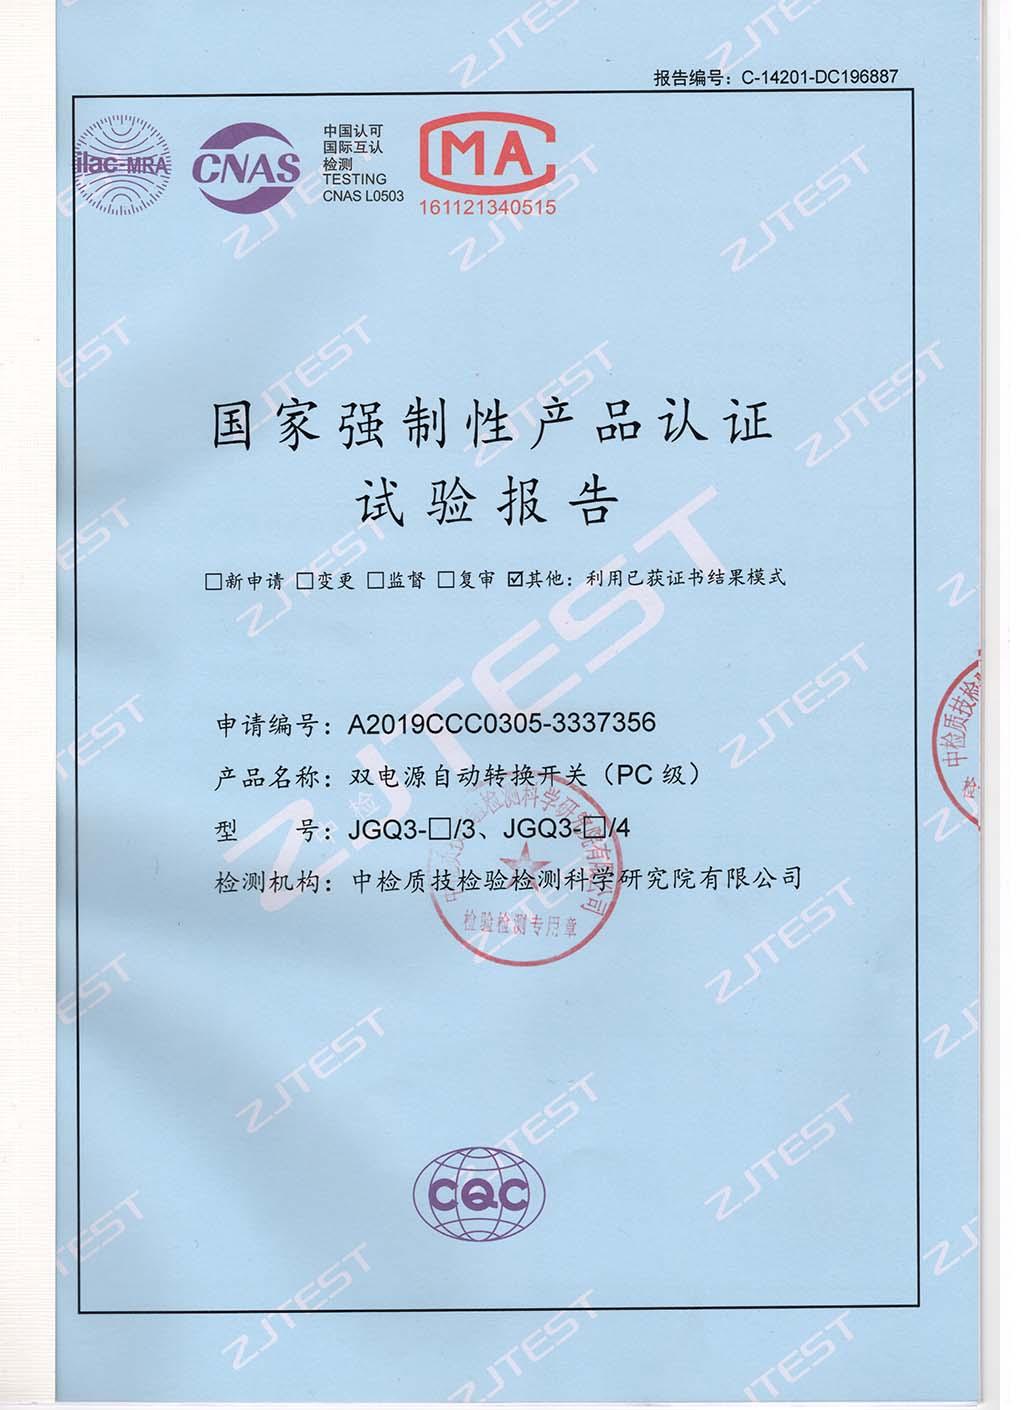 双电源自动转换开关 检测报告 JGQ3-100